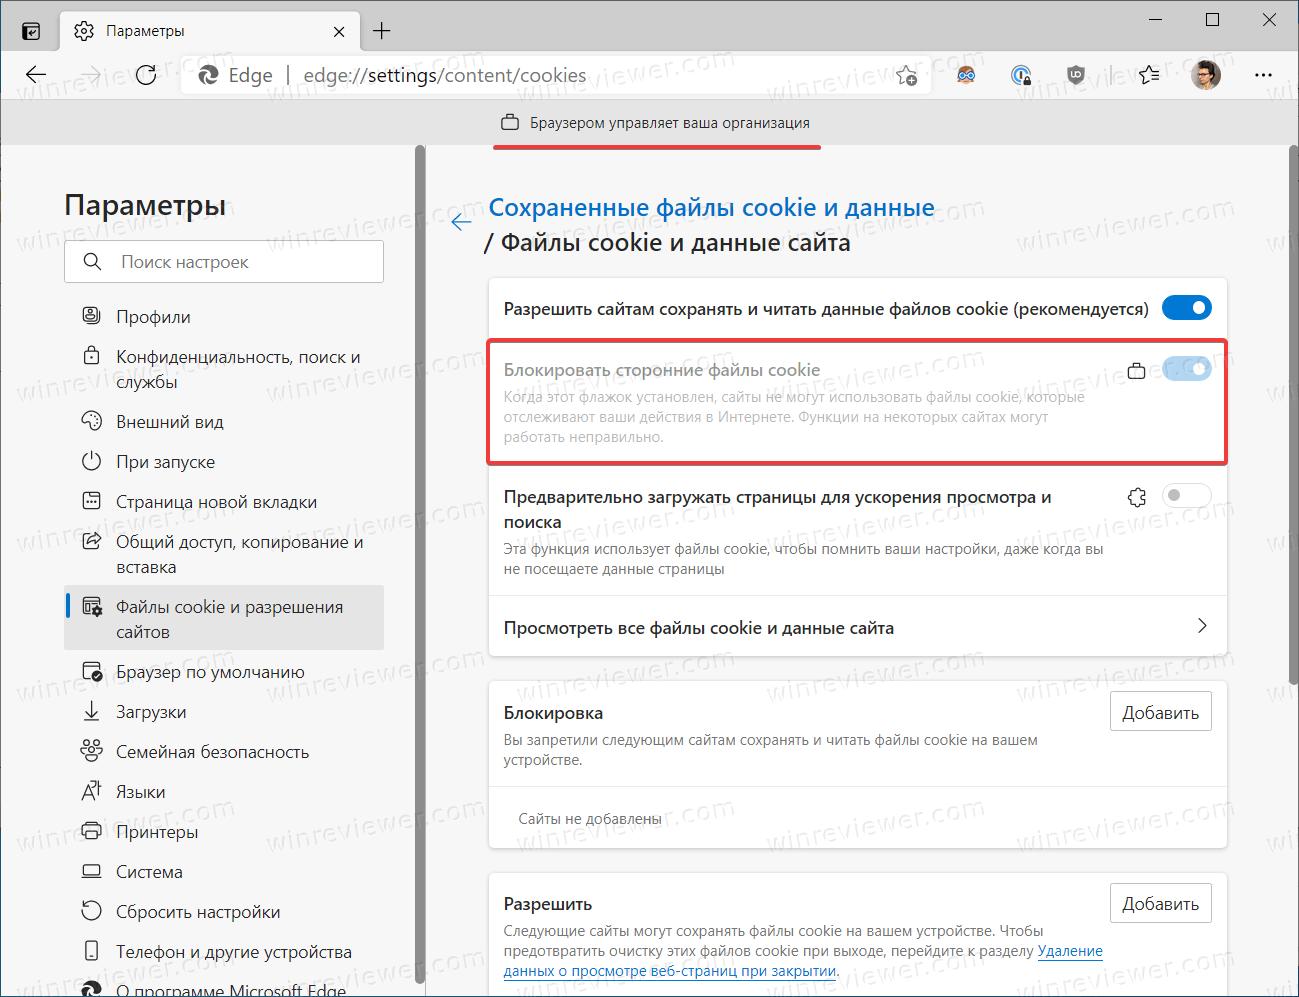 Заблокировать сторонние куки для всех пользователей в MicrosoftEdge